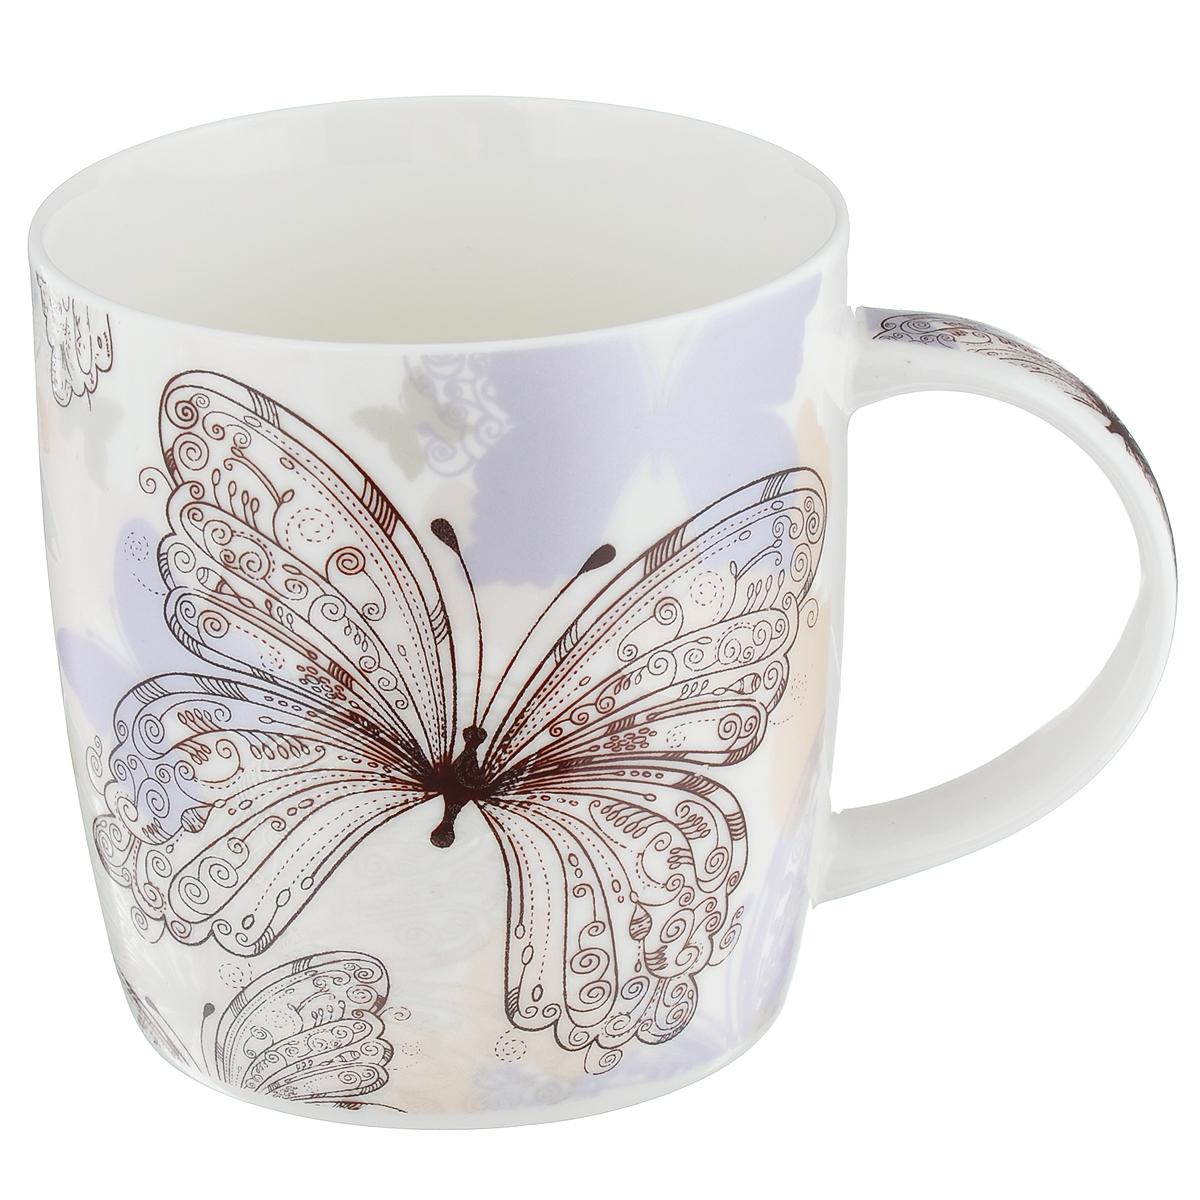 Кружка Бабочки, цвет: белый, сиреневый, 355 млLQB35-X404Кружка Бабочки изготовлена из высококачественного фарфора, покрытого слоем сверкающей глазури. Внешние стенки изделия оформлены красочным изображением бабочек. Такая кружка прекрасно подойдет для горячих и холодных напитков. Она дополнит коллекцию вашей кухонной посуды и будет служить долгие годы. Можно использовать в посудомоечной машине и СВЧ. Объем кружки: 355 мл. Диаметр кружки (по верхнему краю): 8,5 см. Высота стенки кружки: 9,5 см.